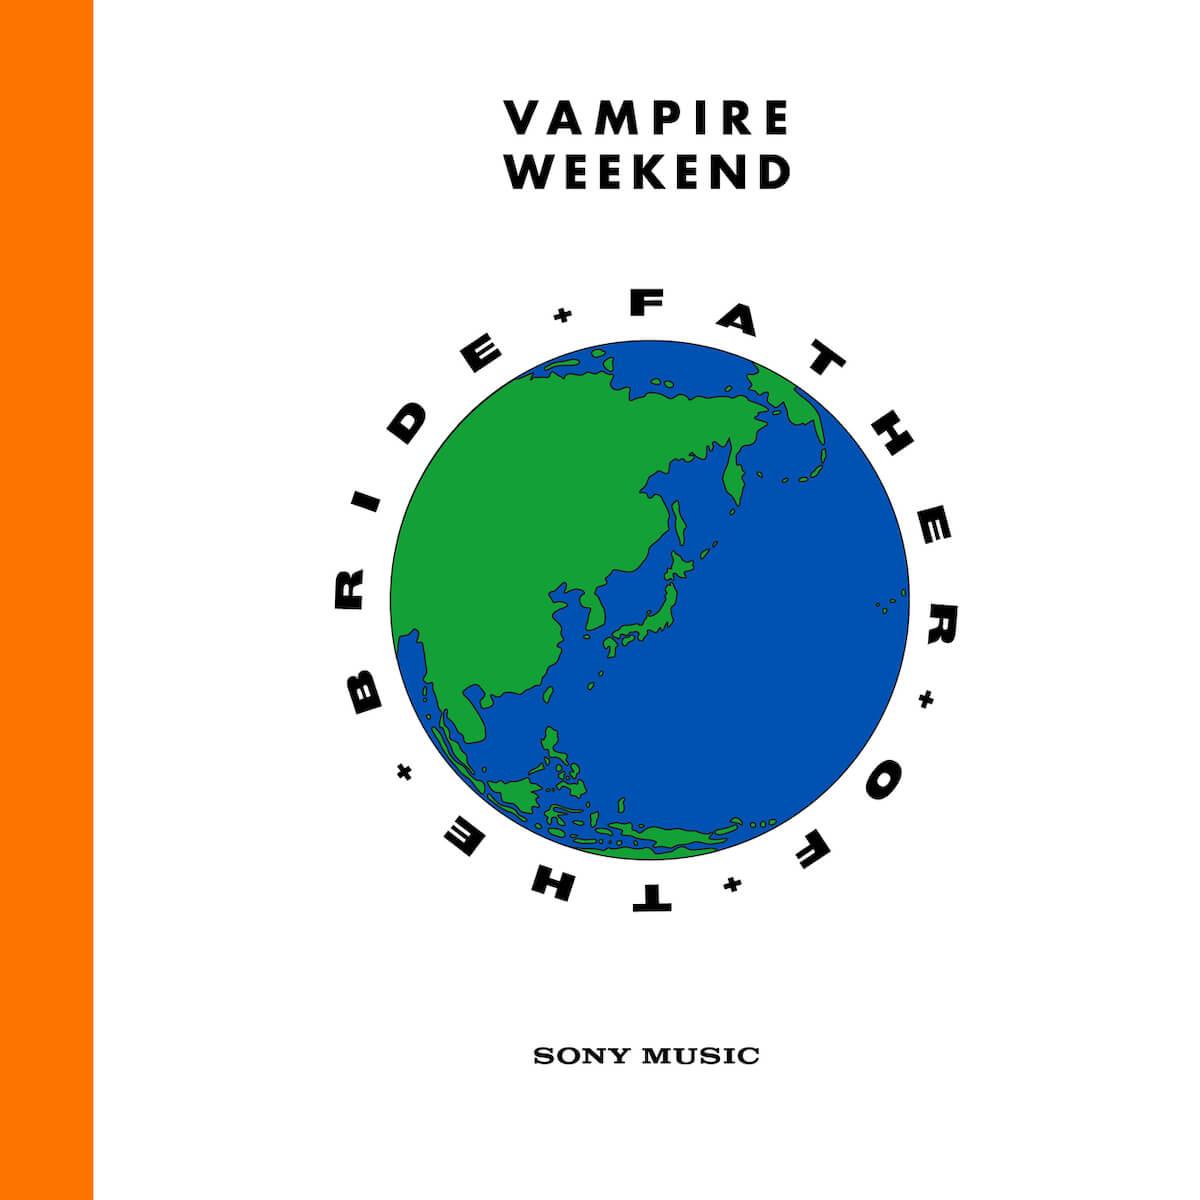 ヴァンパイア・ウィークエンドの新作アルバム『ファーザー・オブ・ザ・ブライド』全米1位獲得!日本盤ボーナス・トラックにジュード・ロウが参加 ea5a9a7557a9cec268b1d73c4a7e915a.jpg